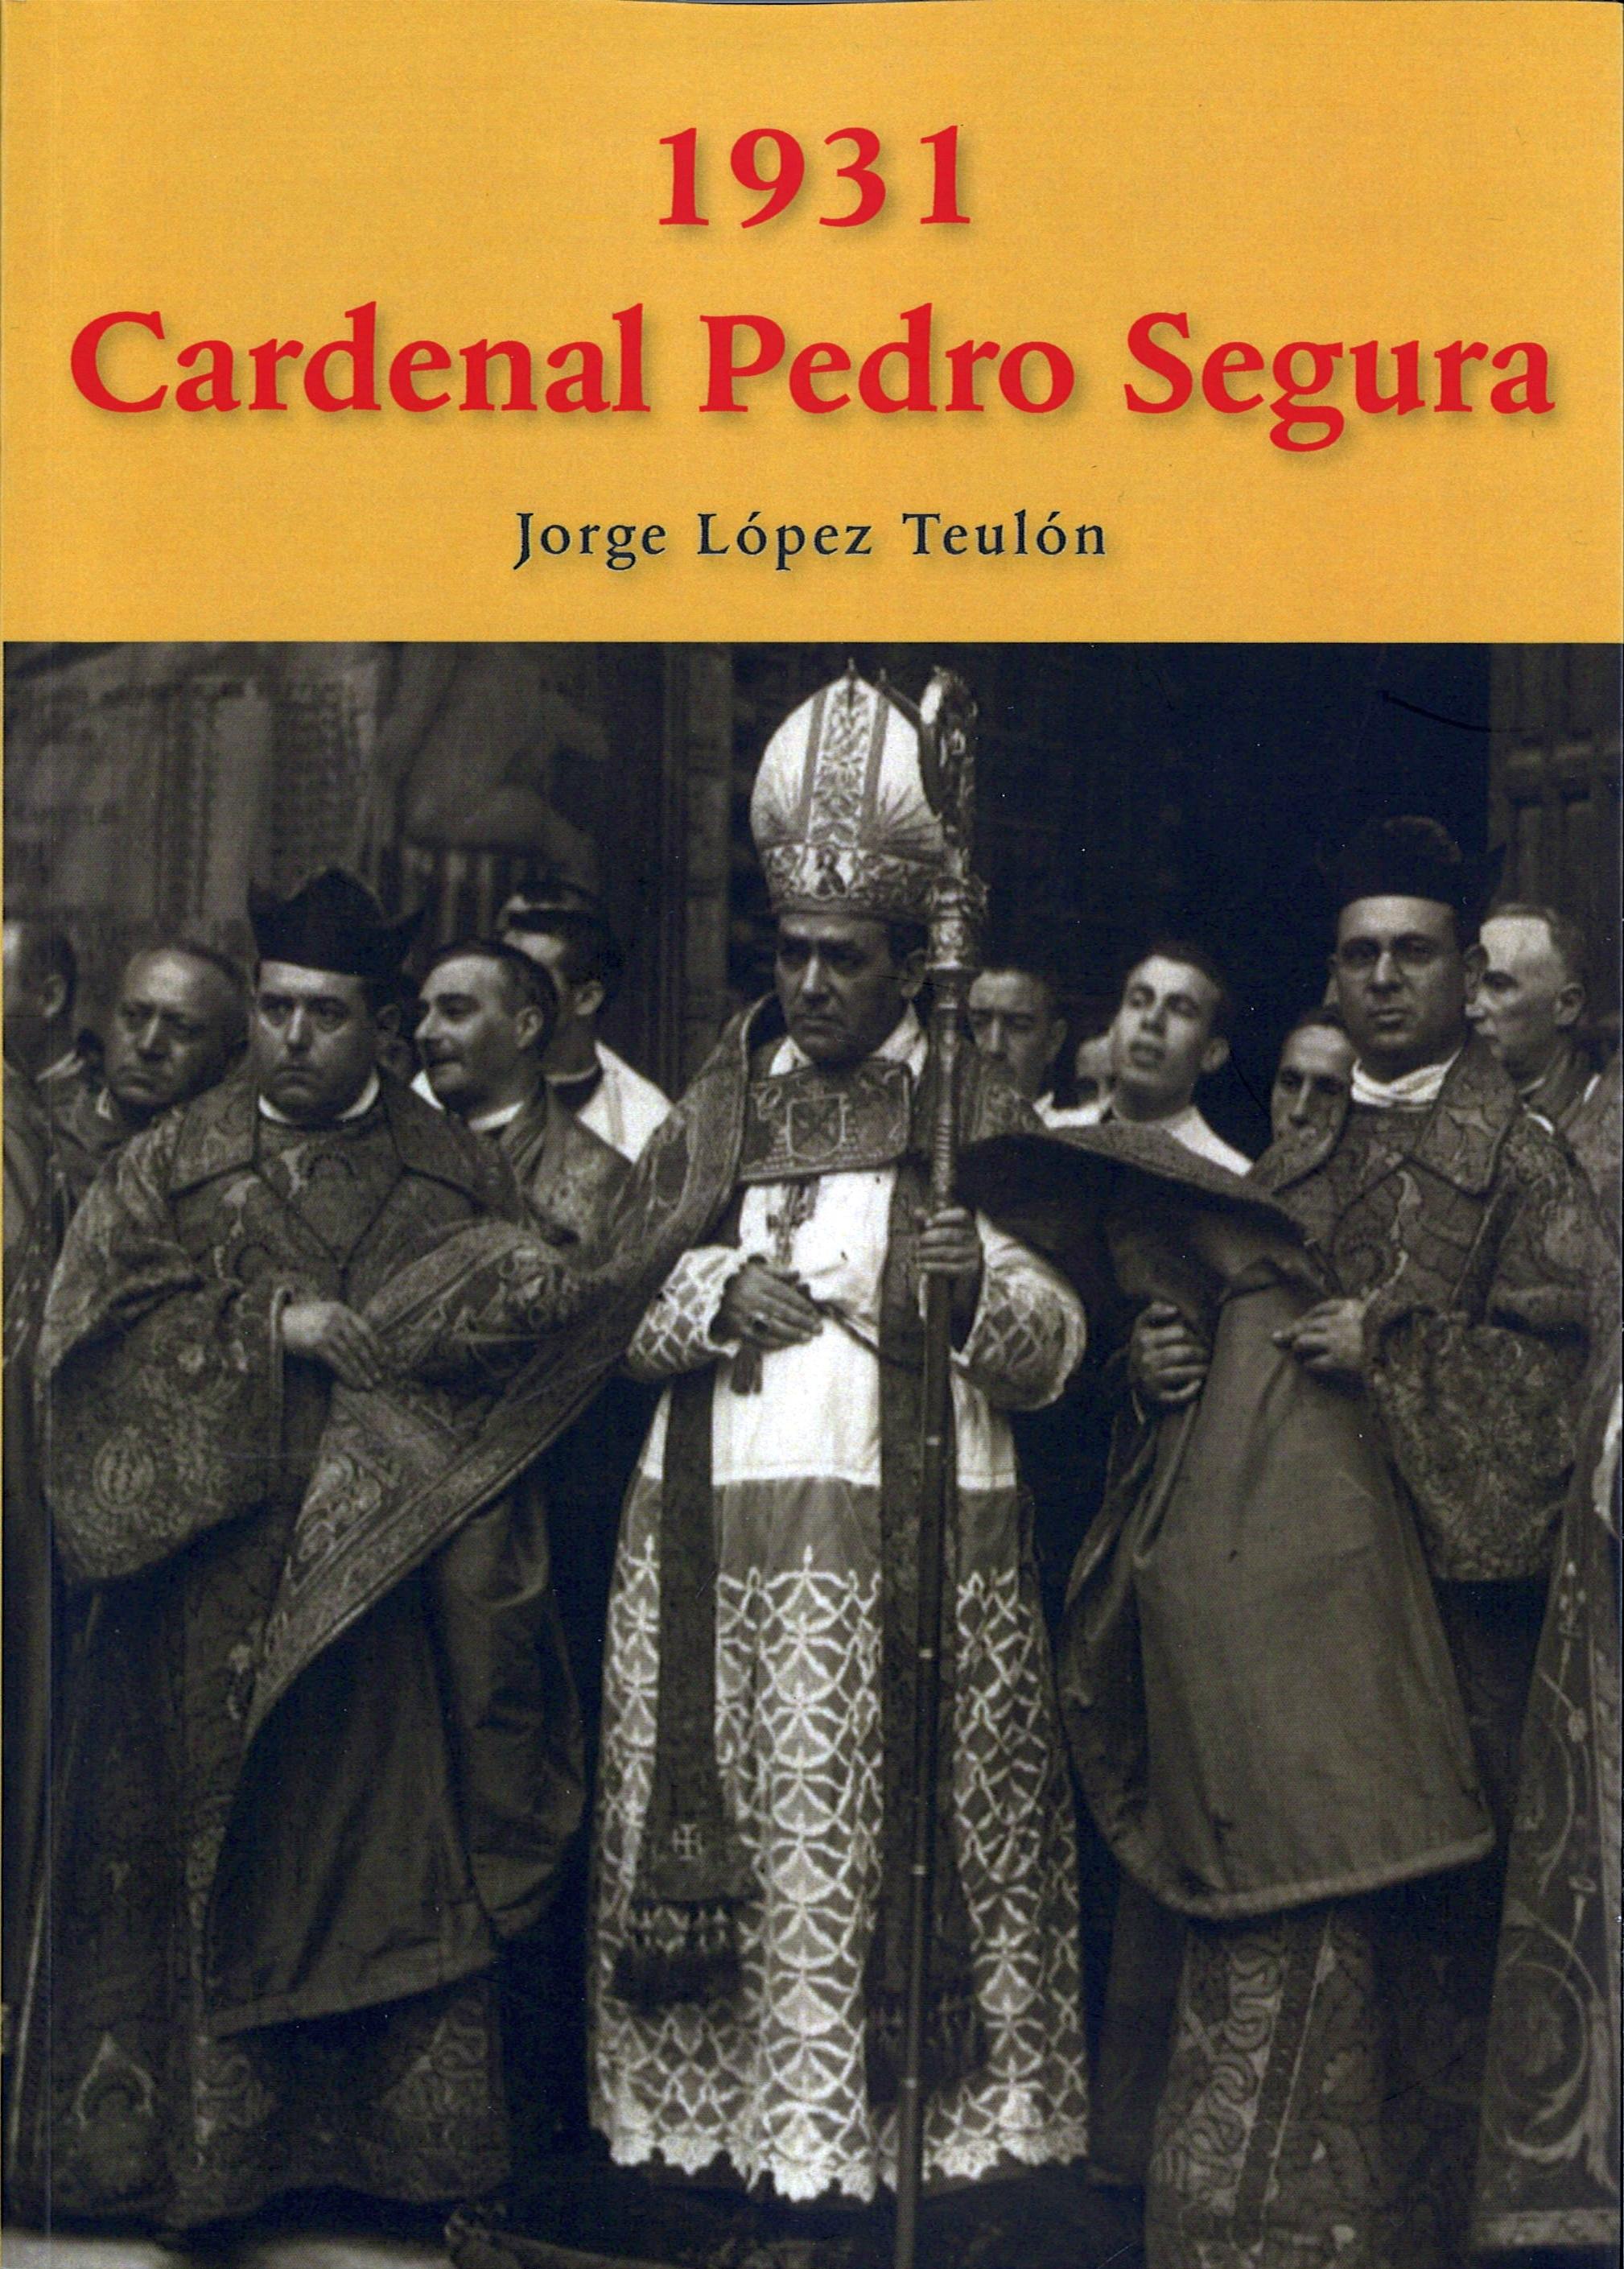 1931. Cardenal Pedro Segura